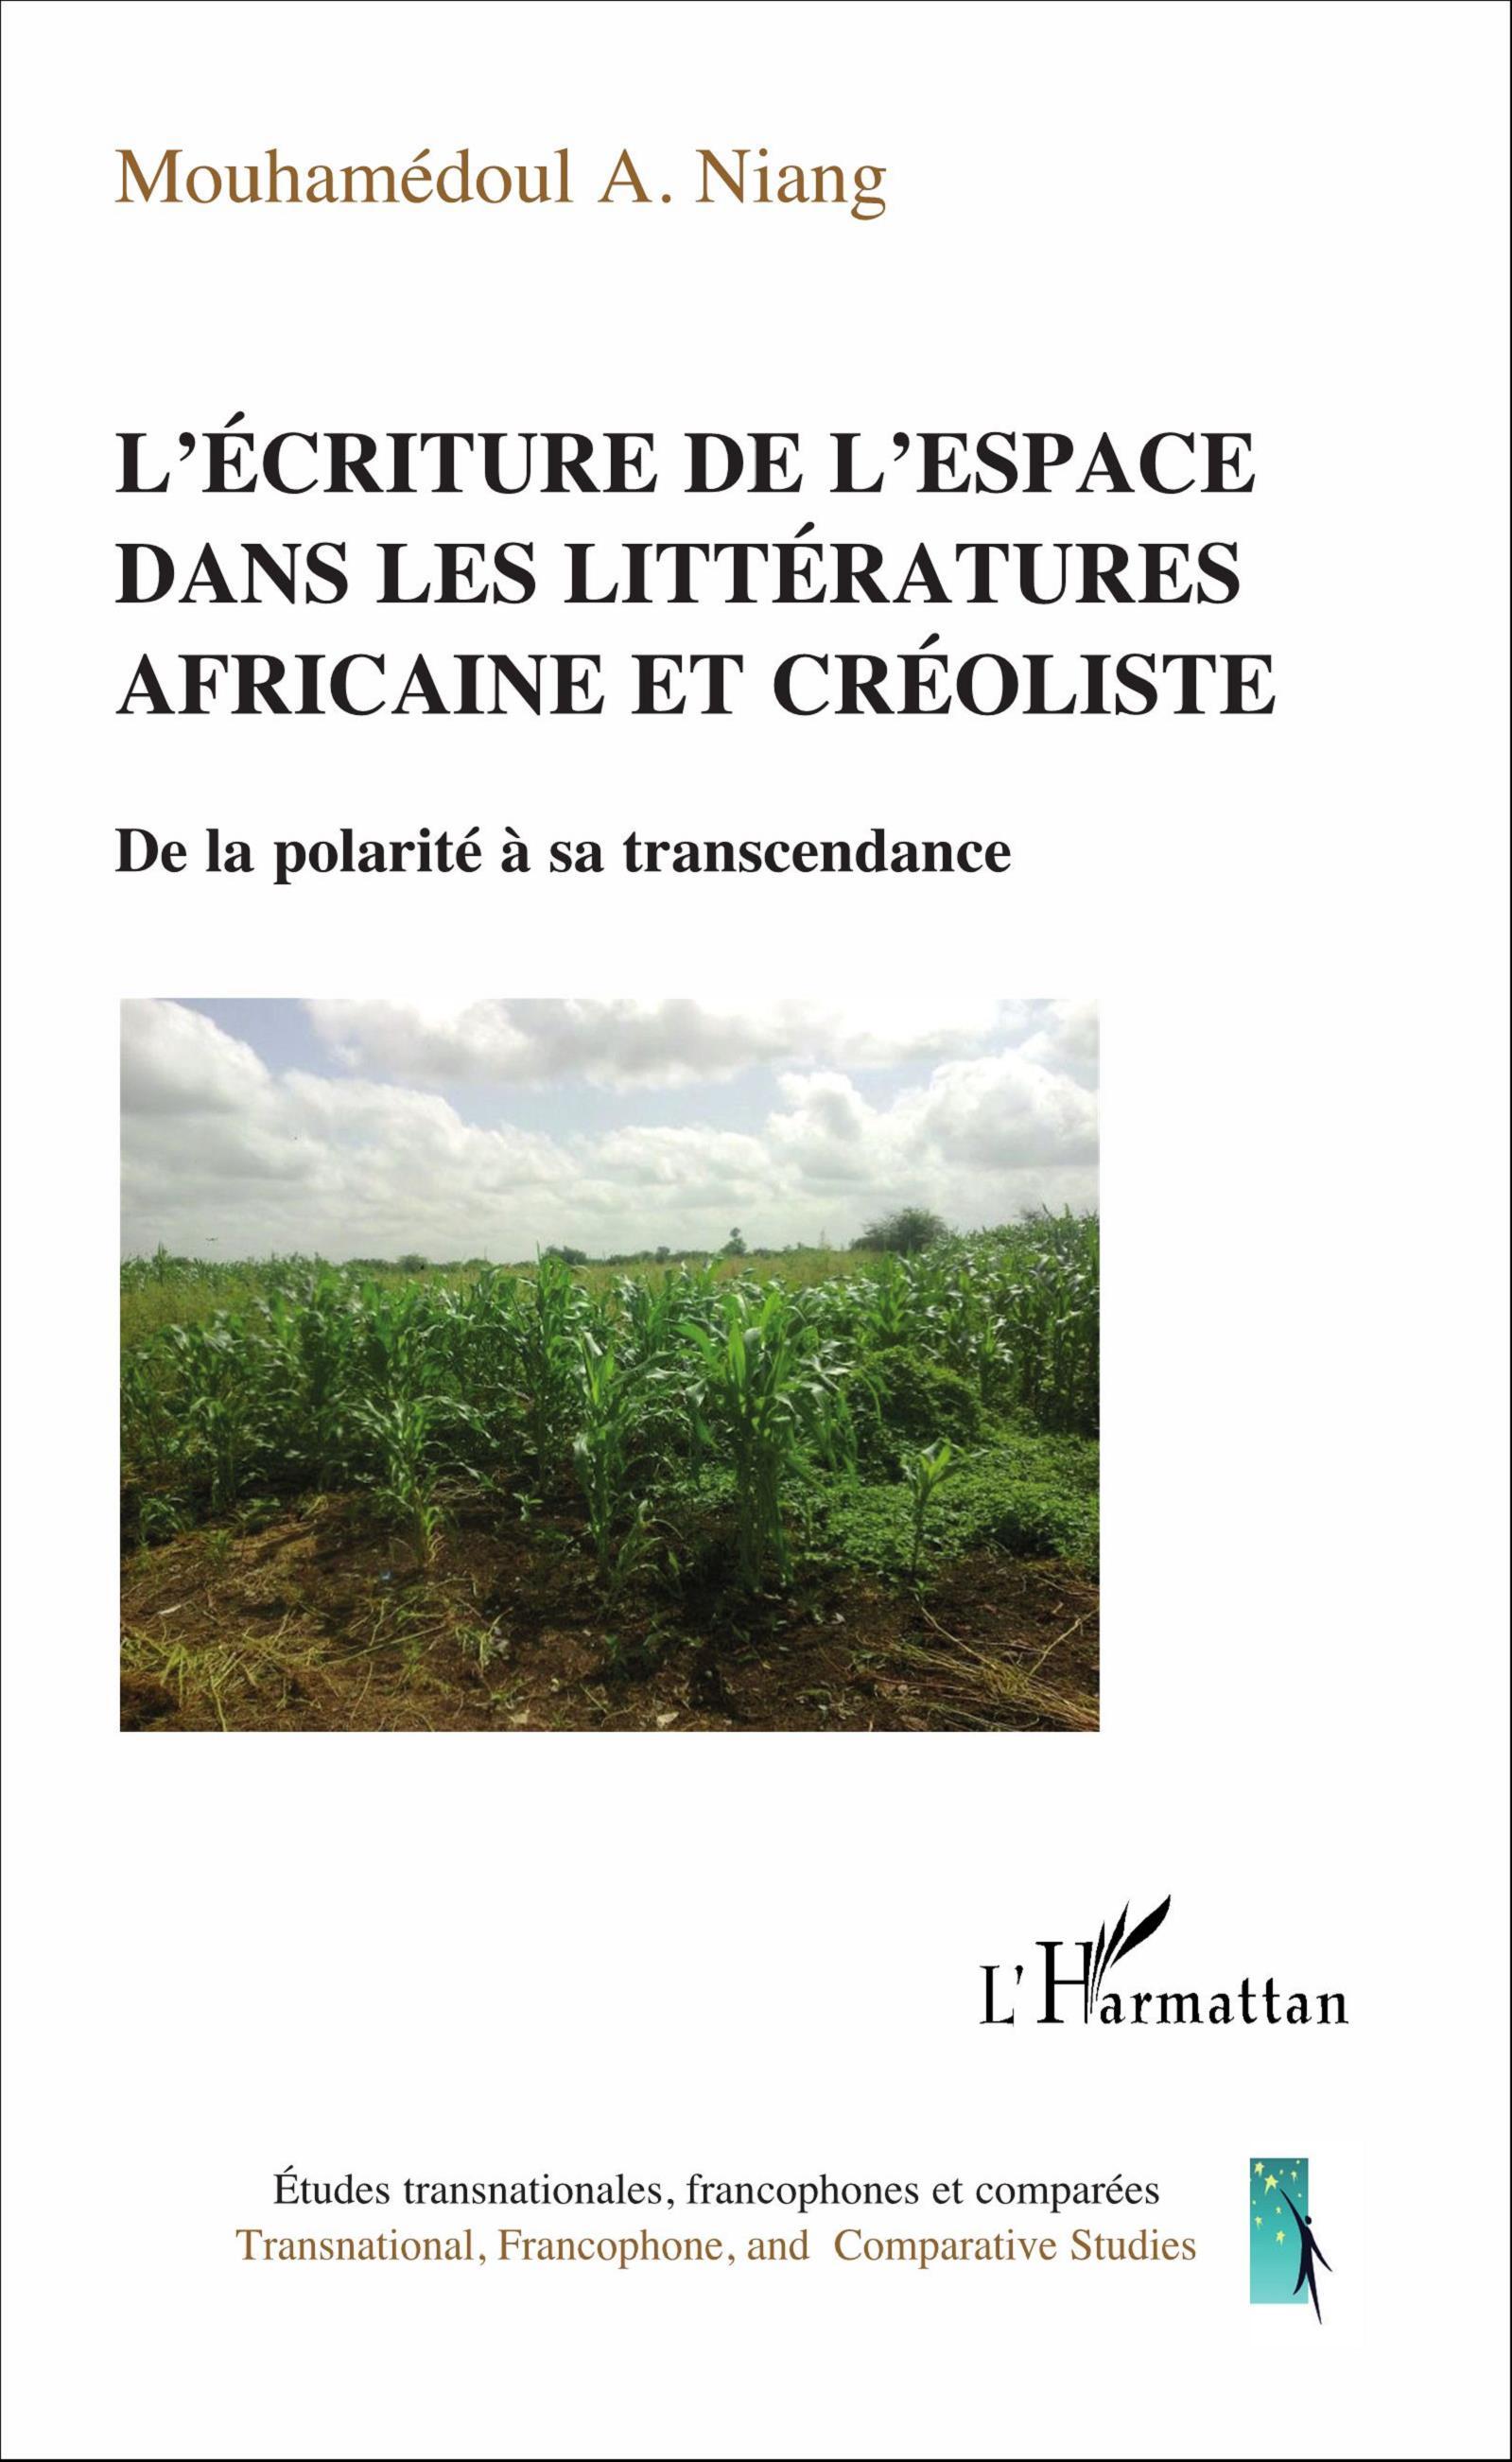 M. A. Niang,  L'Ecriture de l'espace dans les littératures africaine et créoliste. De la polarité à sa transcendance